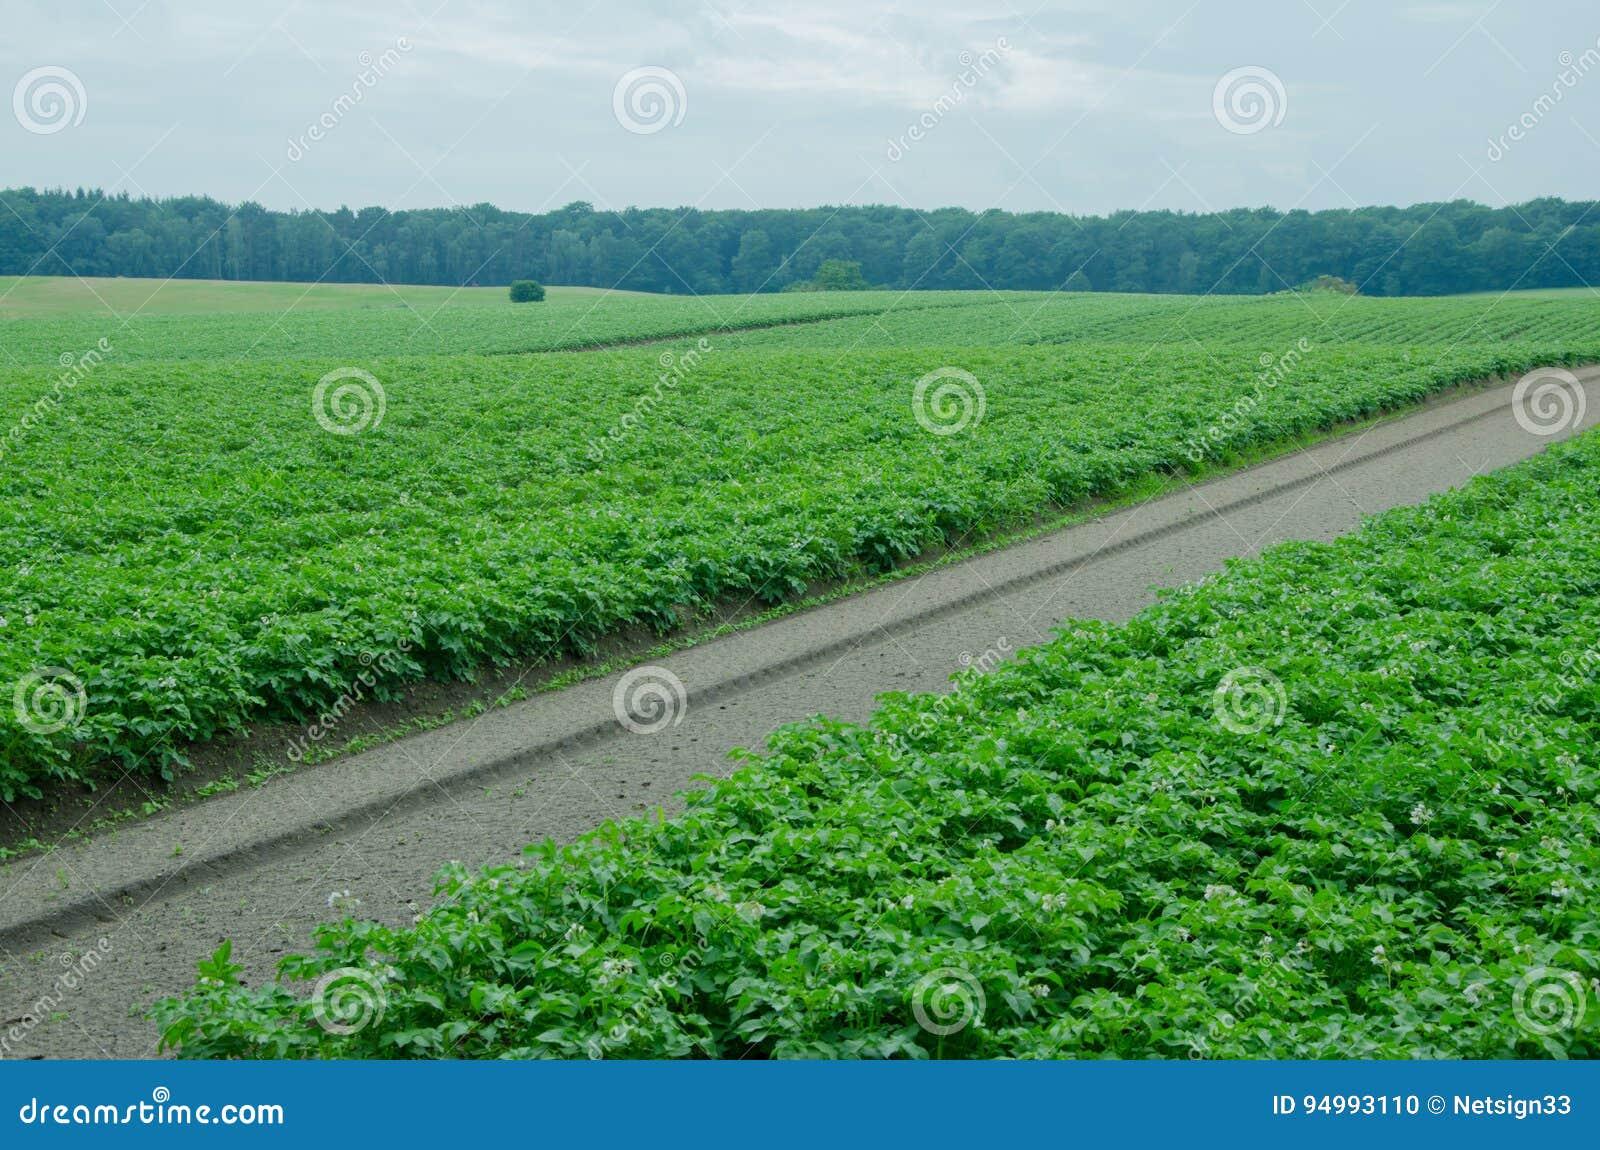 Kartoffelacker, Monokultur